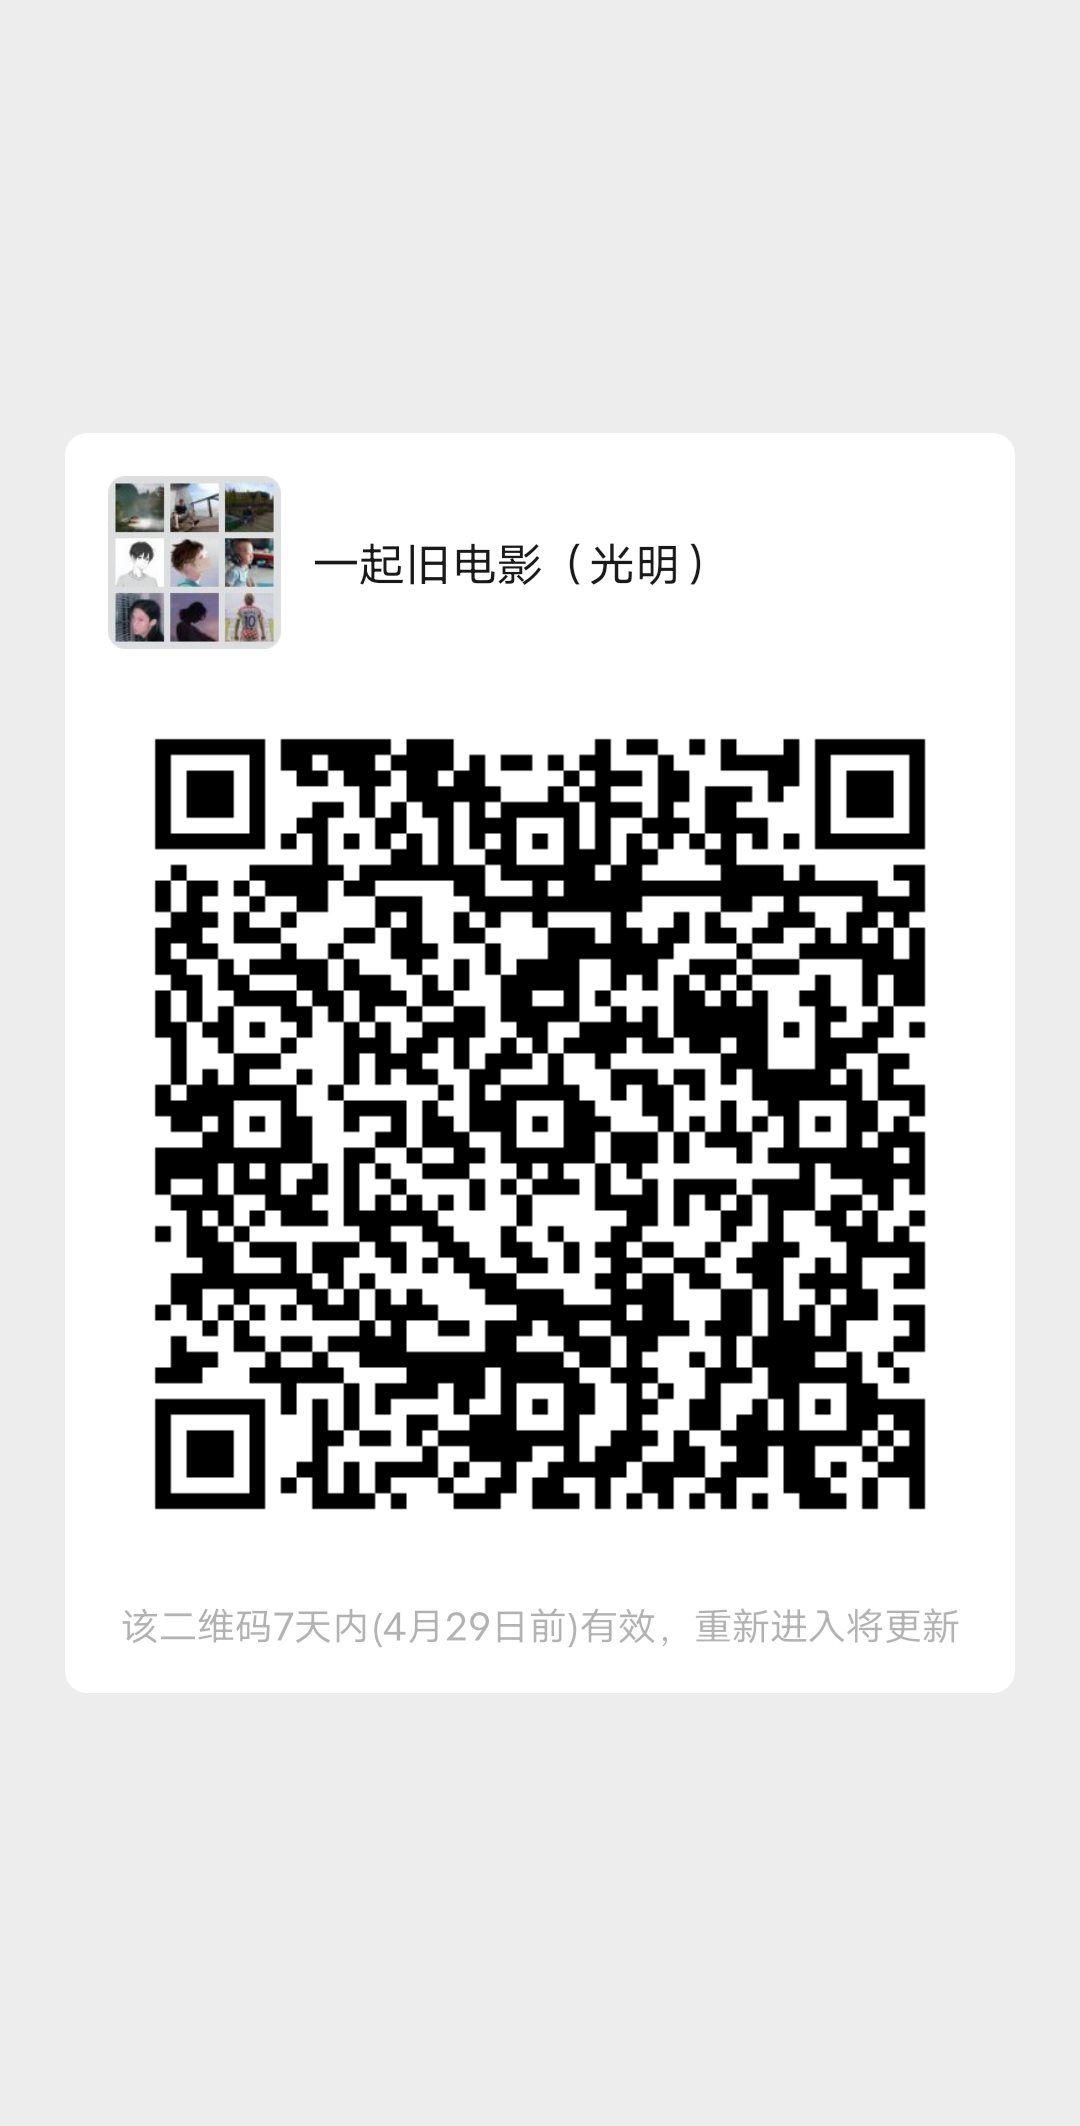 微信图片_20210422152721.png